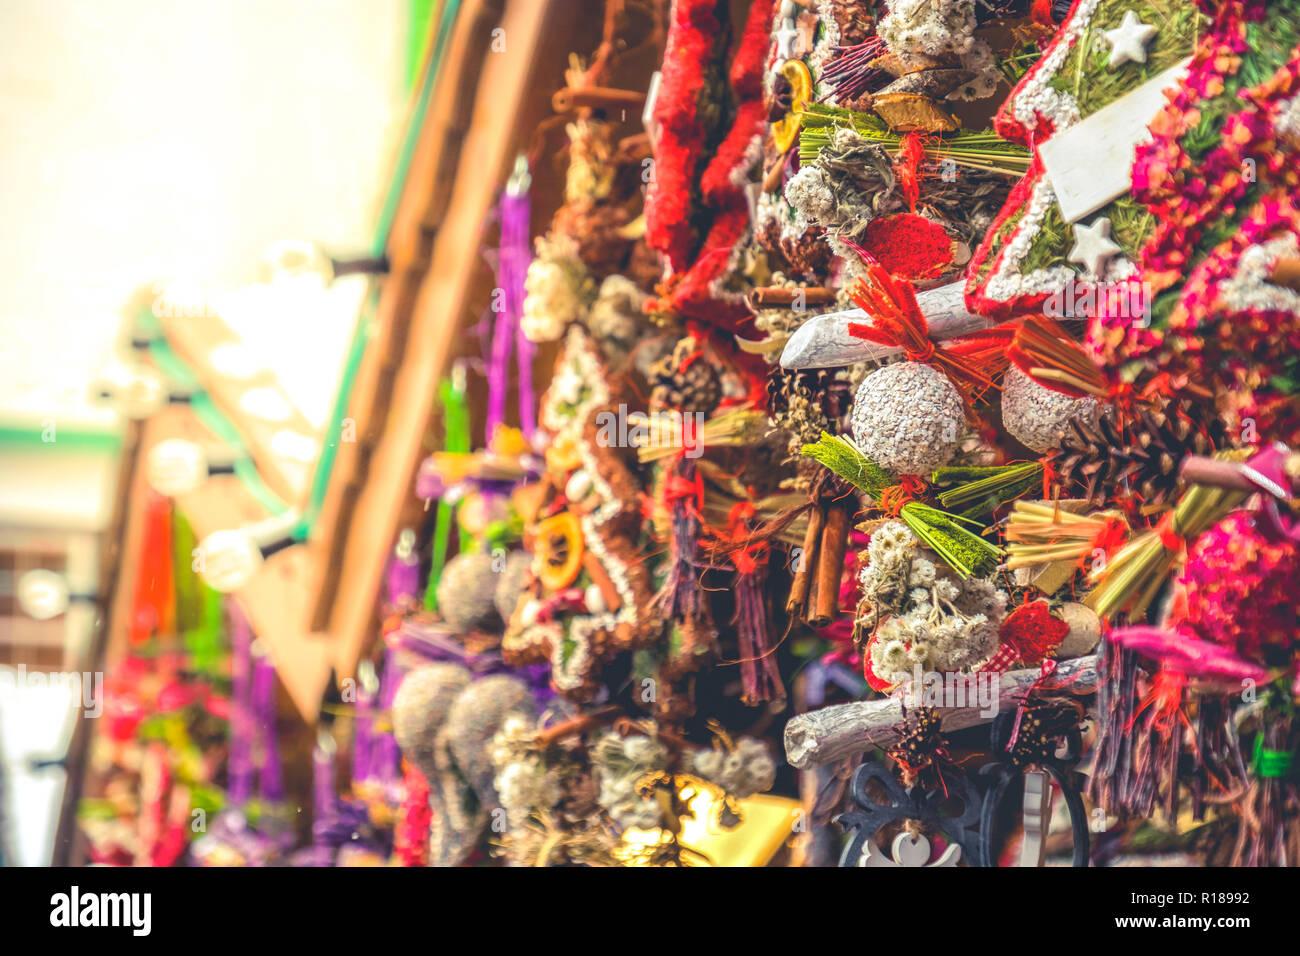 Ton chaleureux marché de noël couronnes lens flare détails décrochage décoration mat kiosk Photo Stock